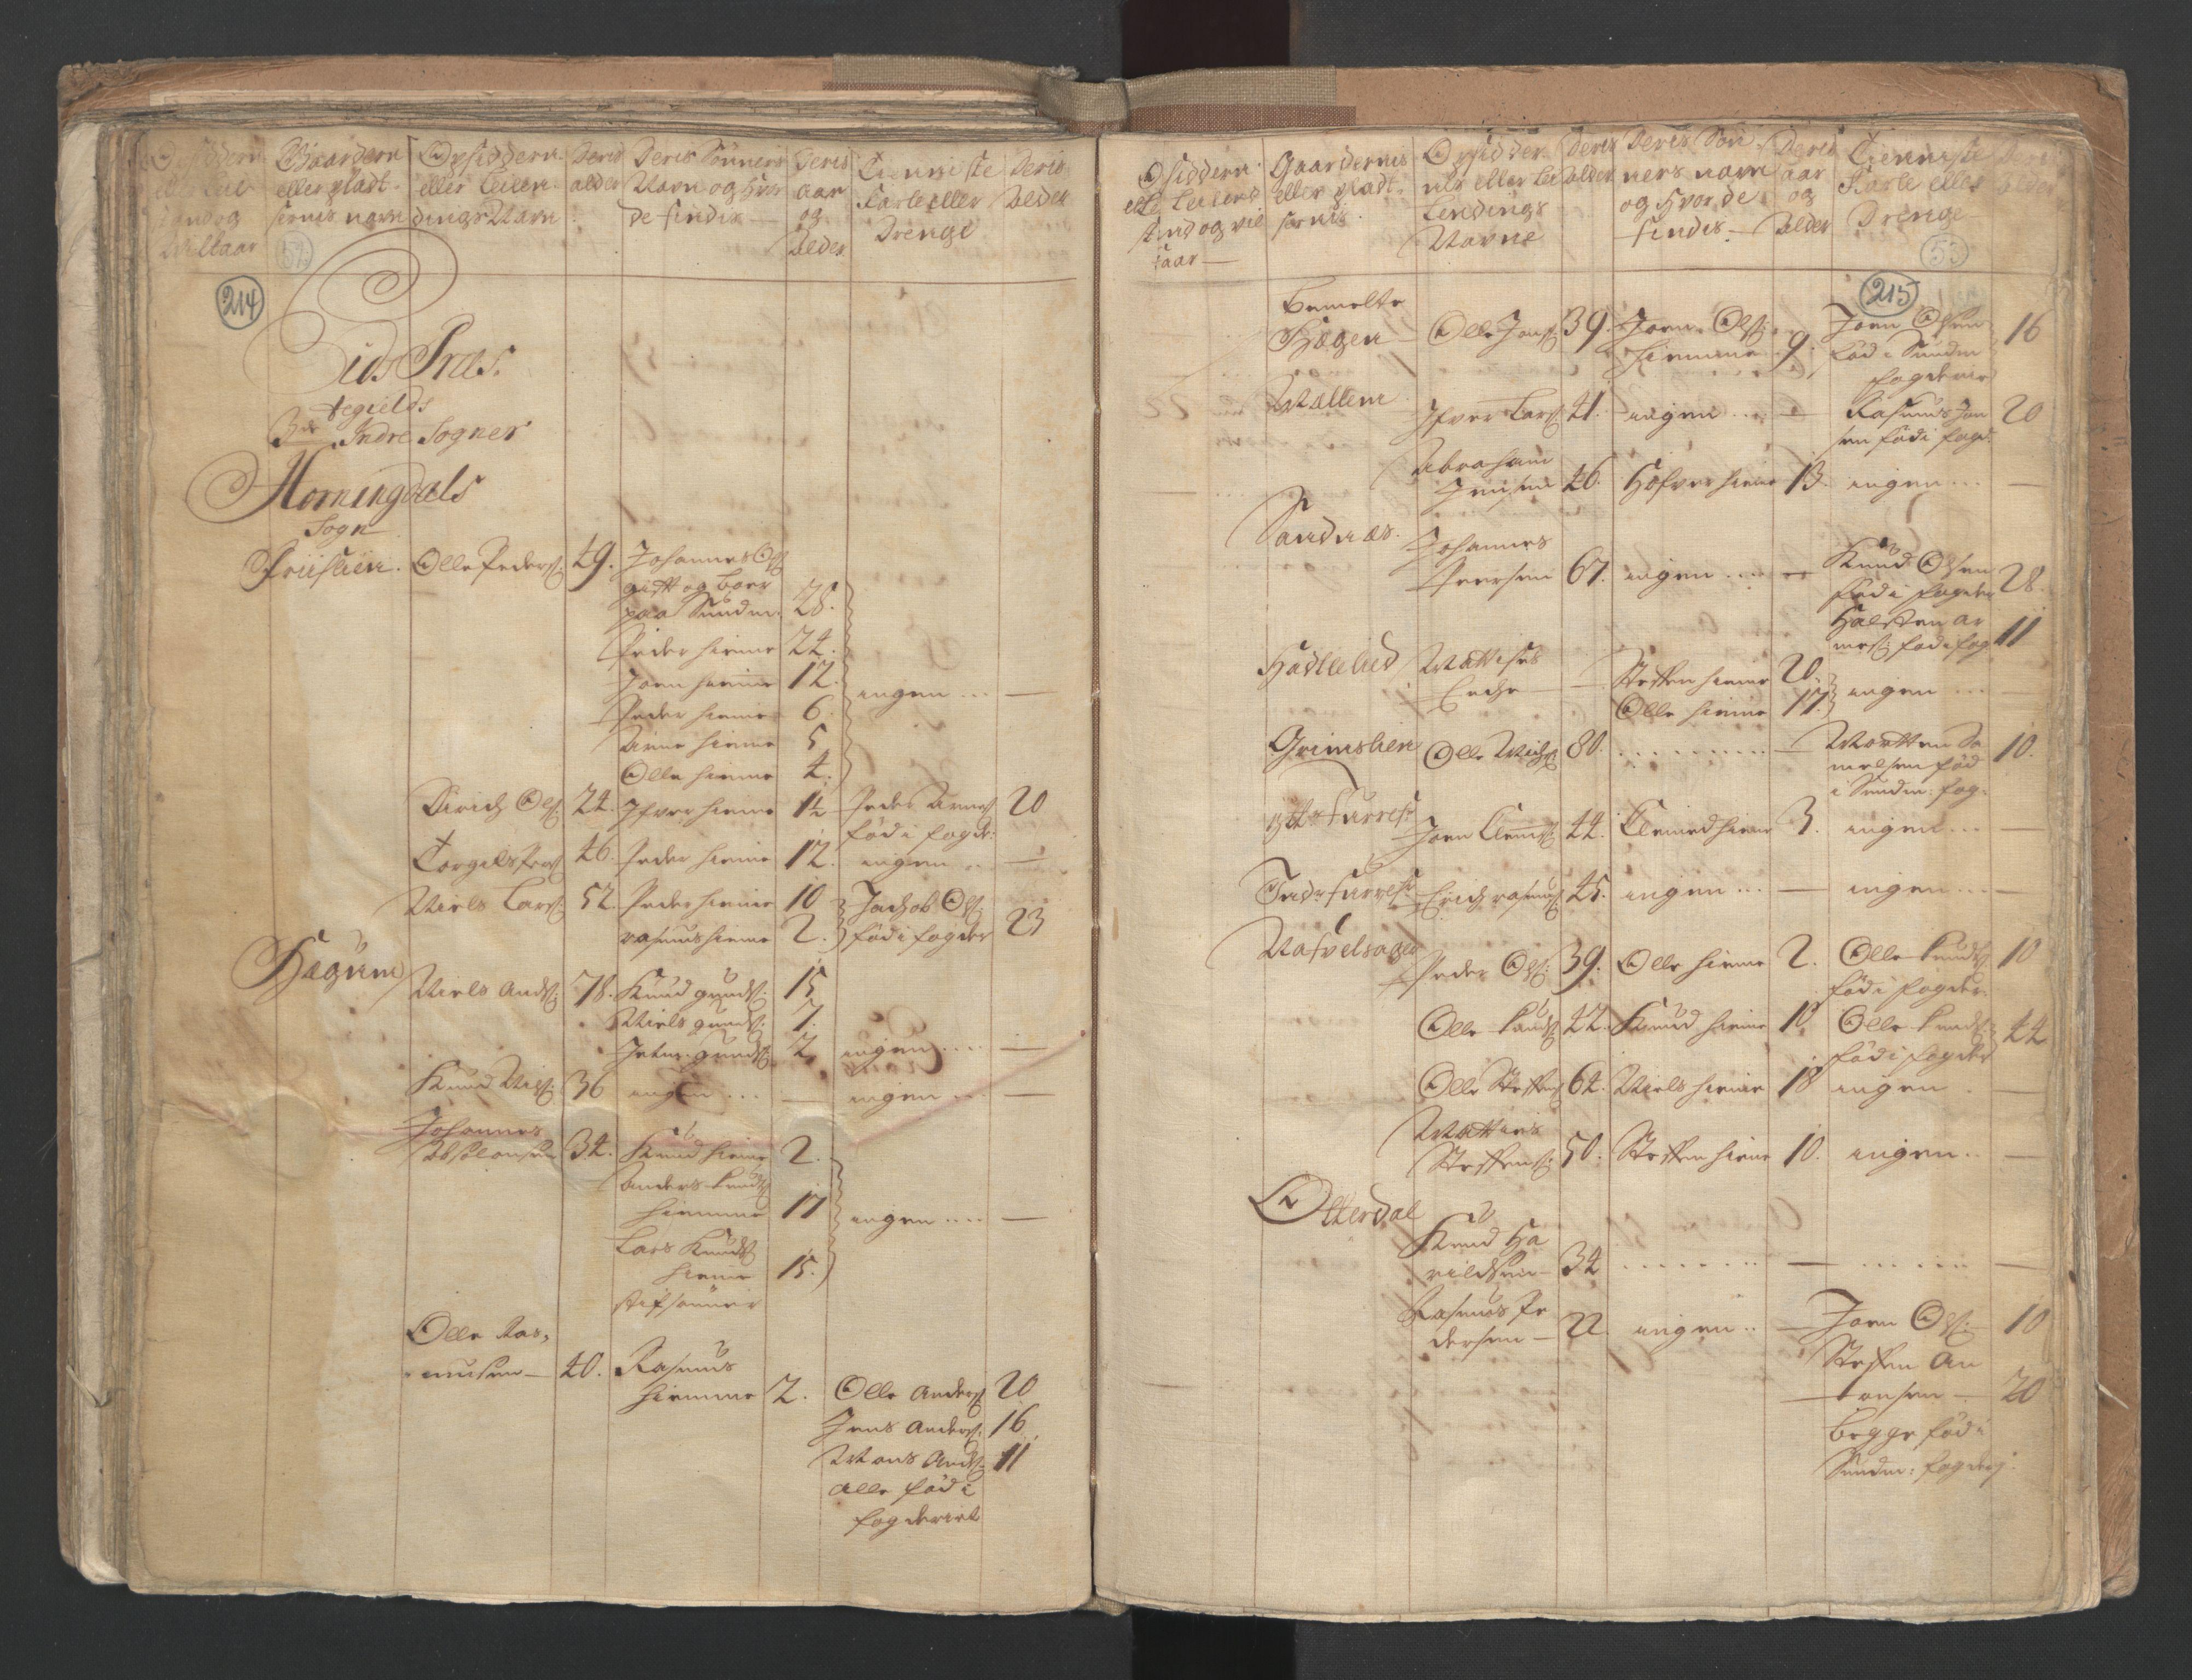 RA, Manntallet 1701, nr. 9: Sunnfjord fogderi, Nordfjord fogderi og Svanø birk, 1701, s. 214-215